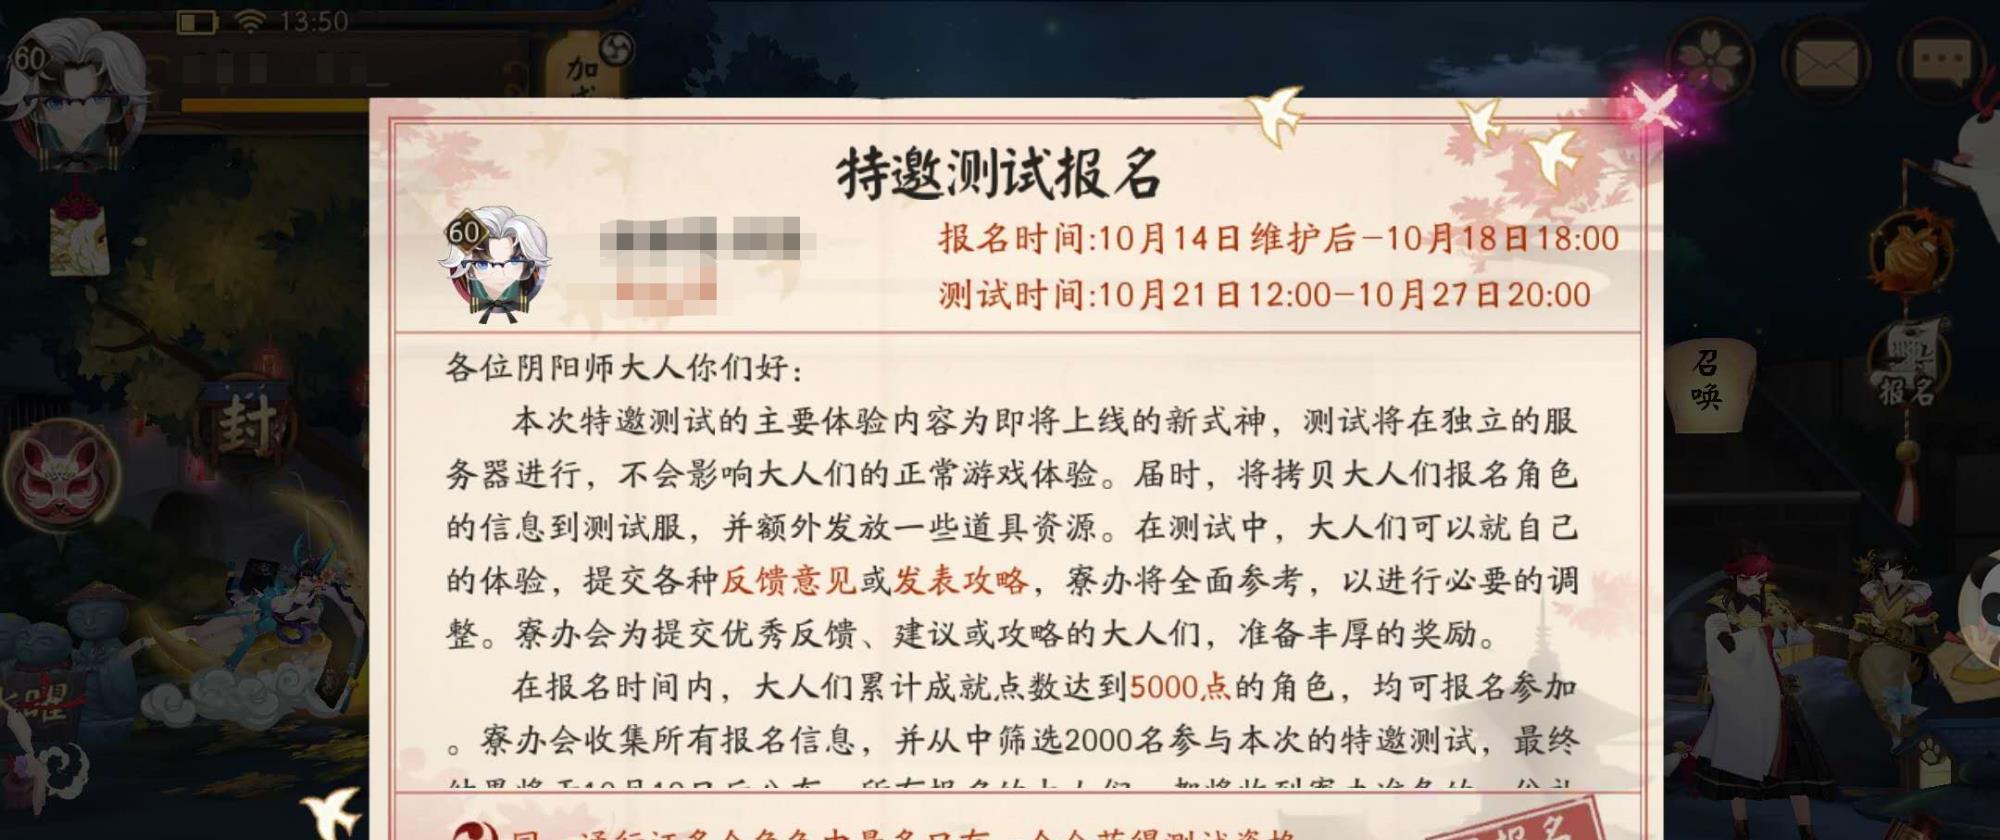 """大富翁5_阴阳师:骗票活动""""虽迟但到"""",秋日召唤活动中不要进行抽卡"""